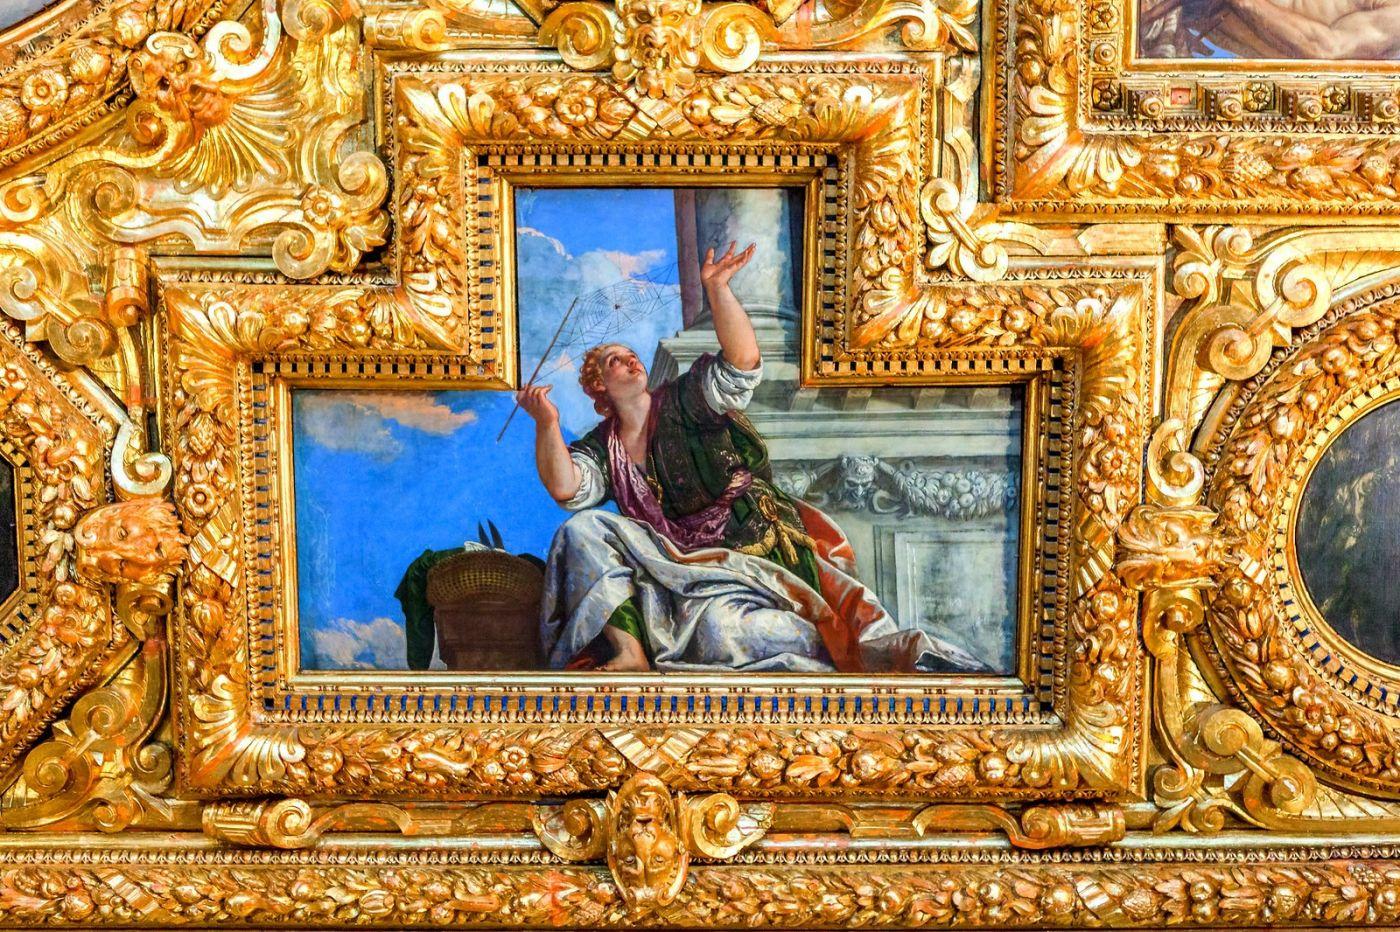 威尼斯圣马可大教堂(St Mark's Basilica), 精雕细琢的顶设_图1-6